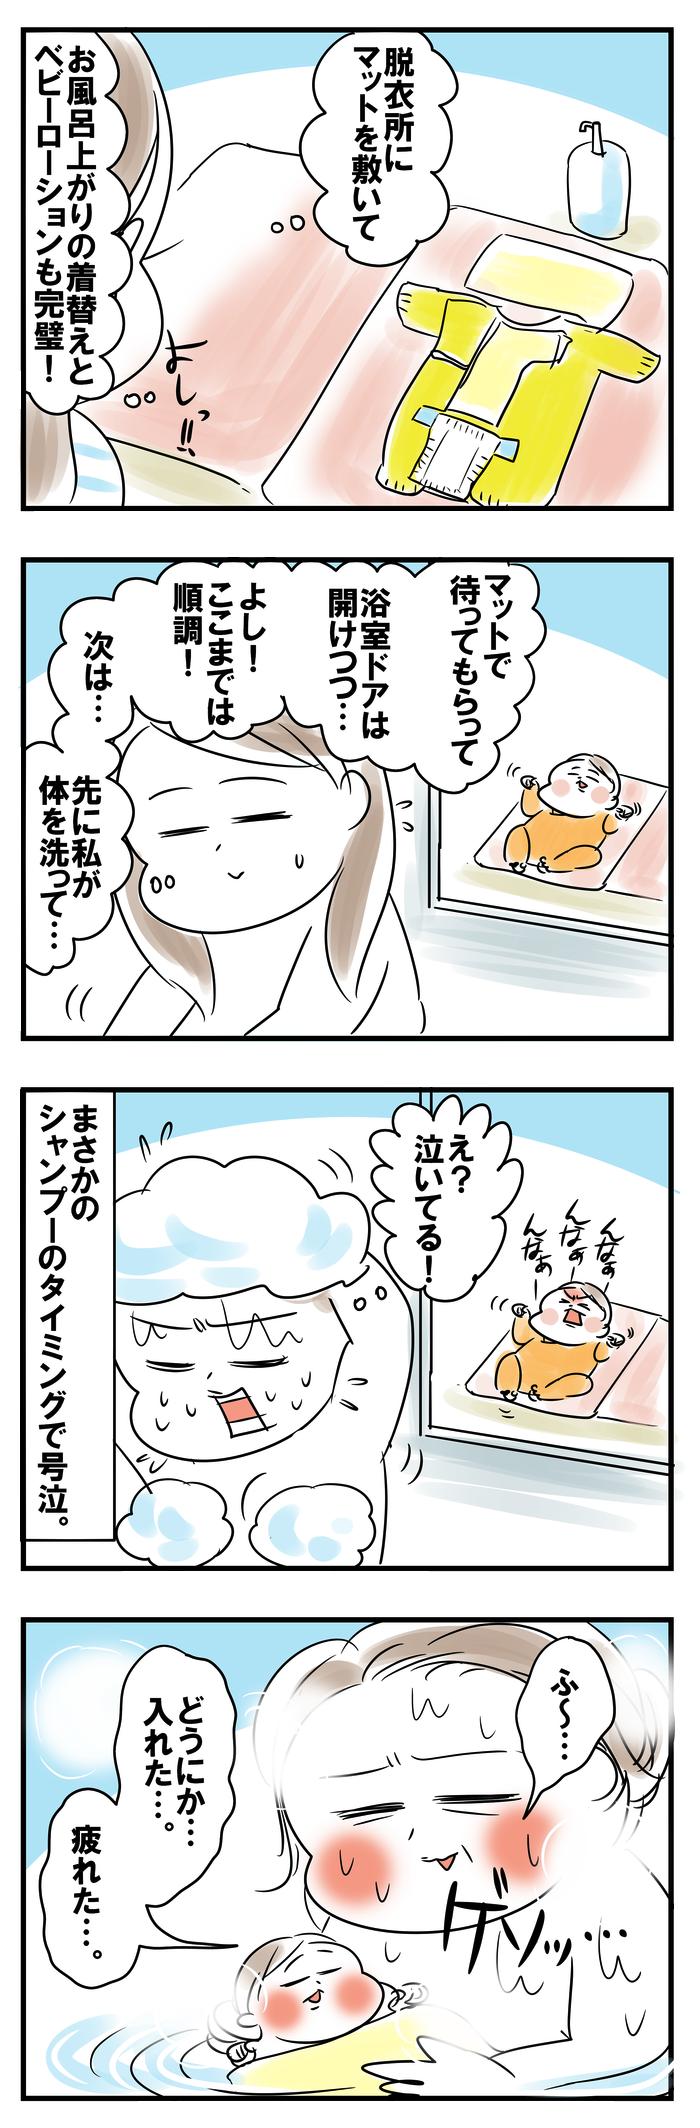 このタイミングで号泣!?「赤ちゃんと一緒にお風呂」のドタバタが想像以上!の画像1